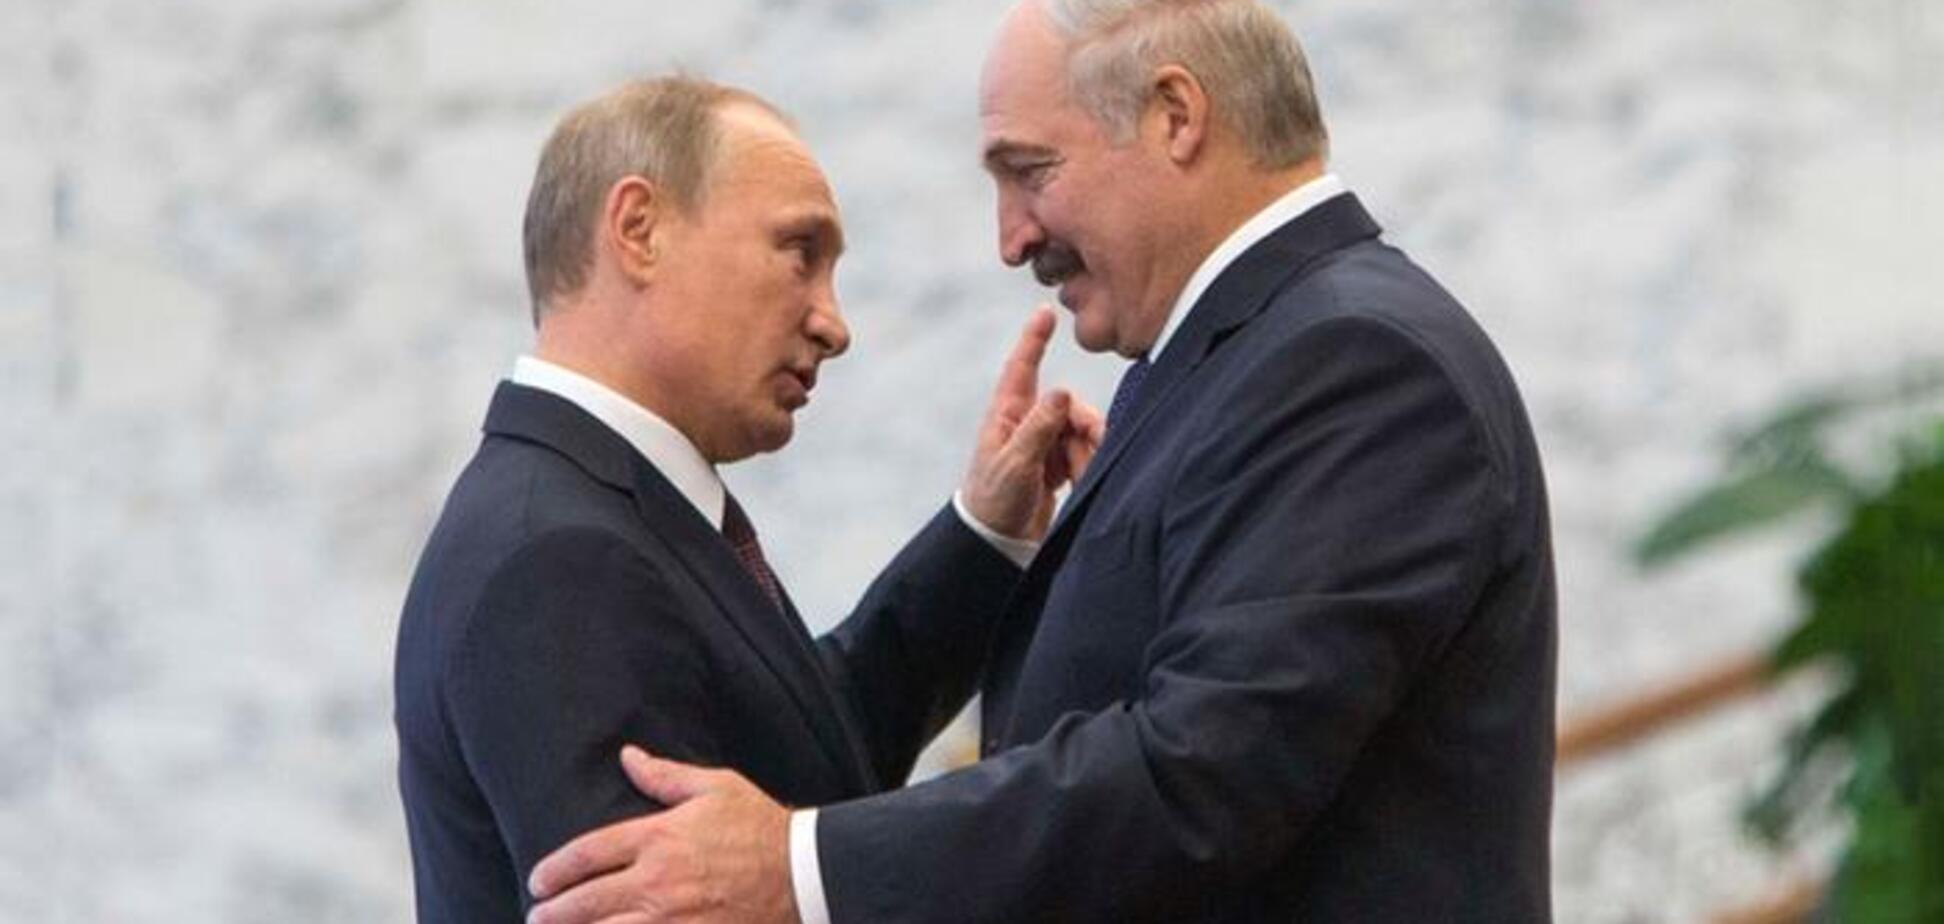 Тирани діють спільно: чому Білорусь потрібна Росії